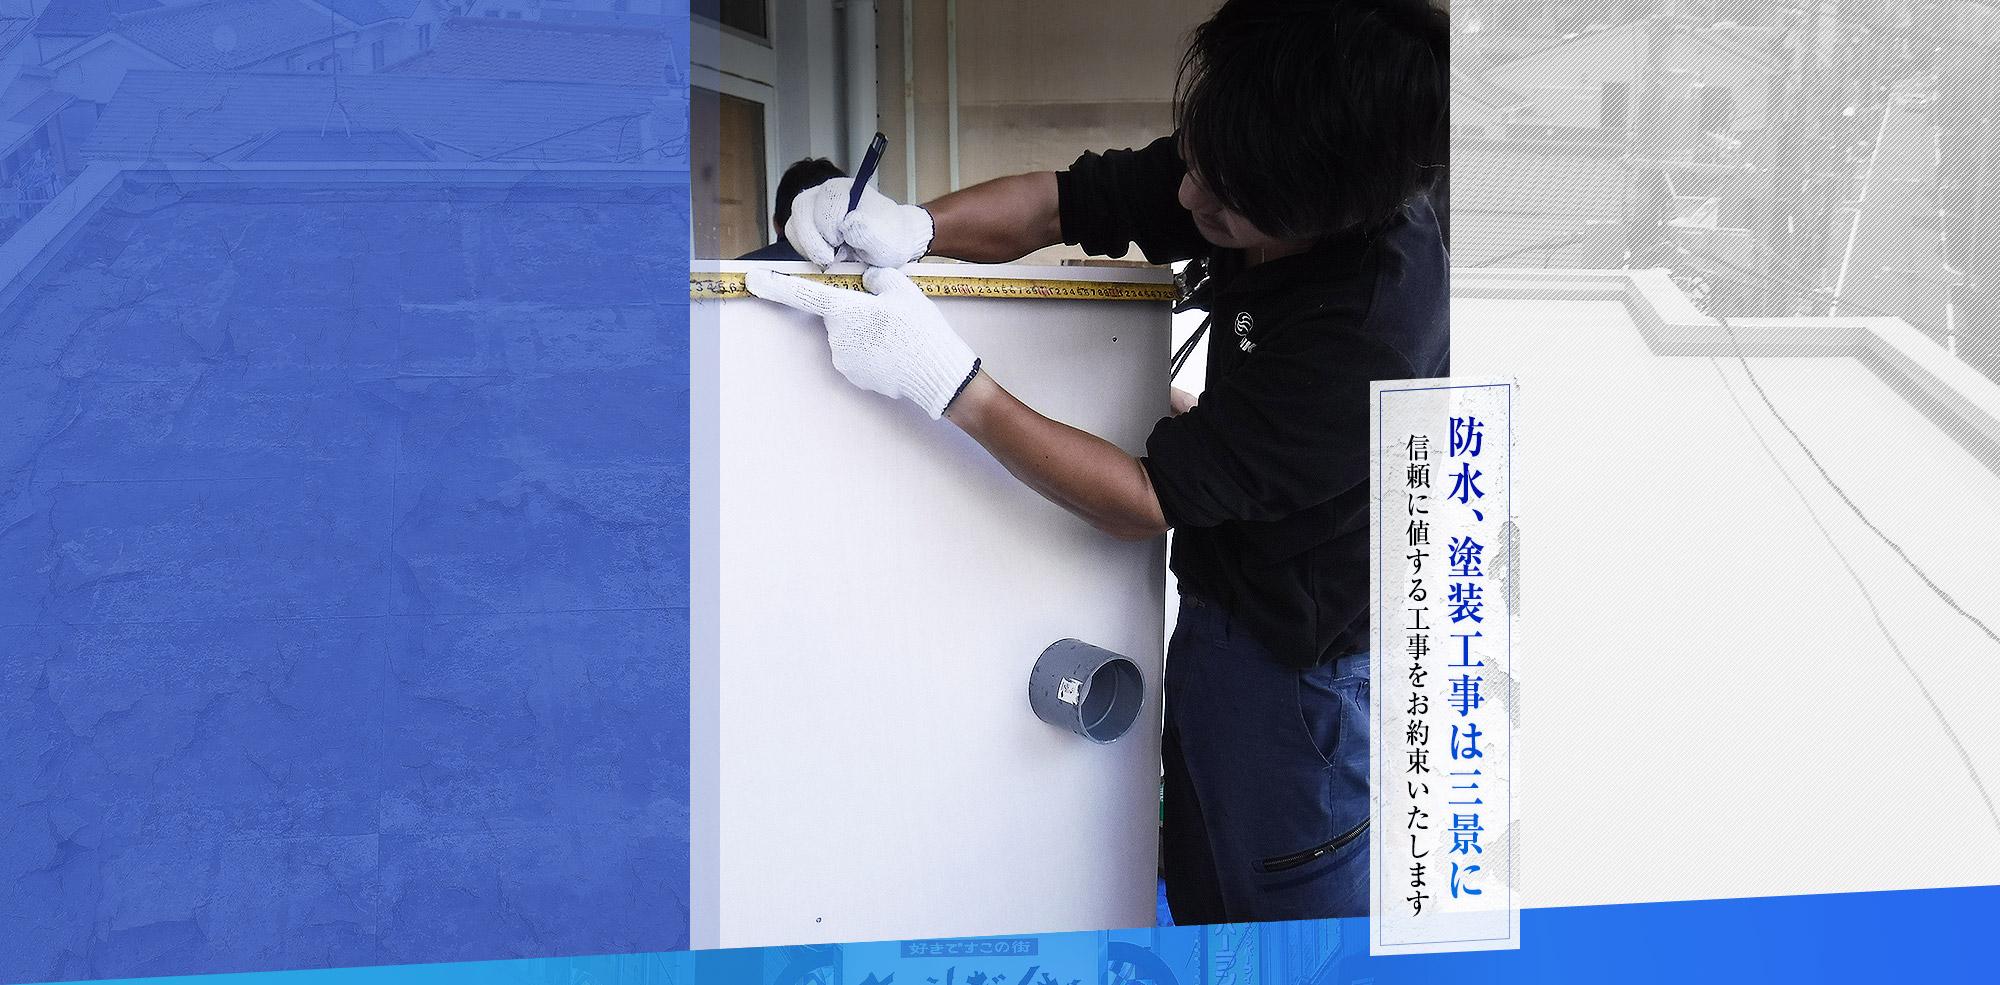 防水、塗装工事は三景に 信頼に値する工事をお約束いたします